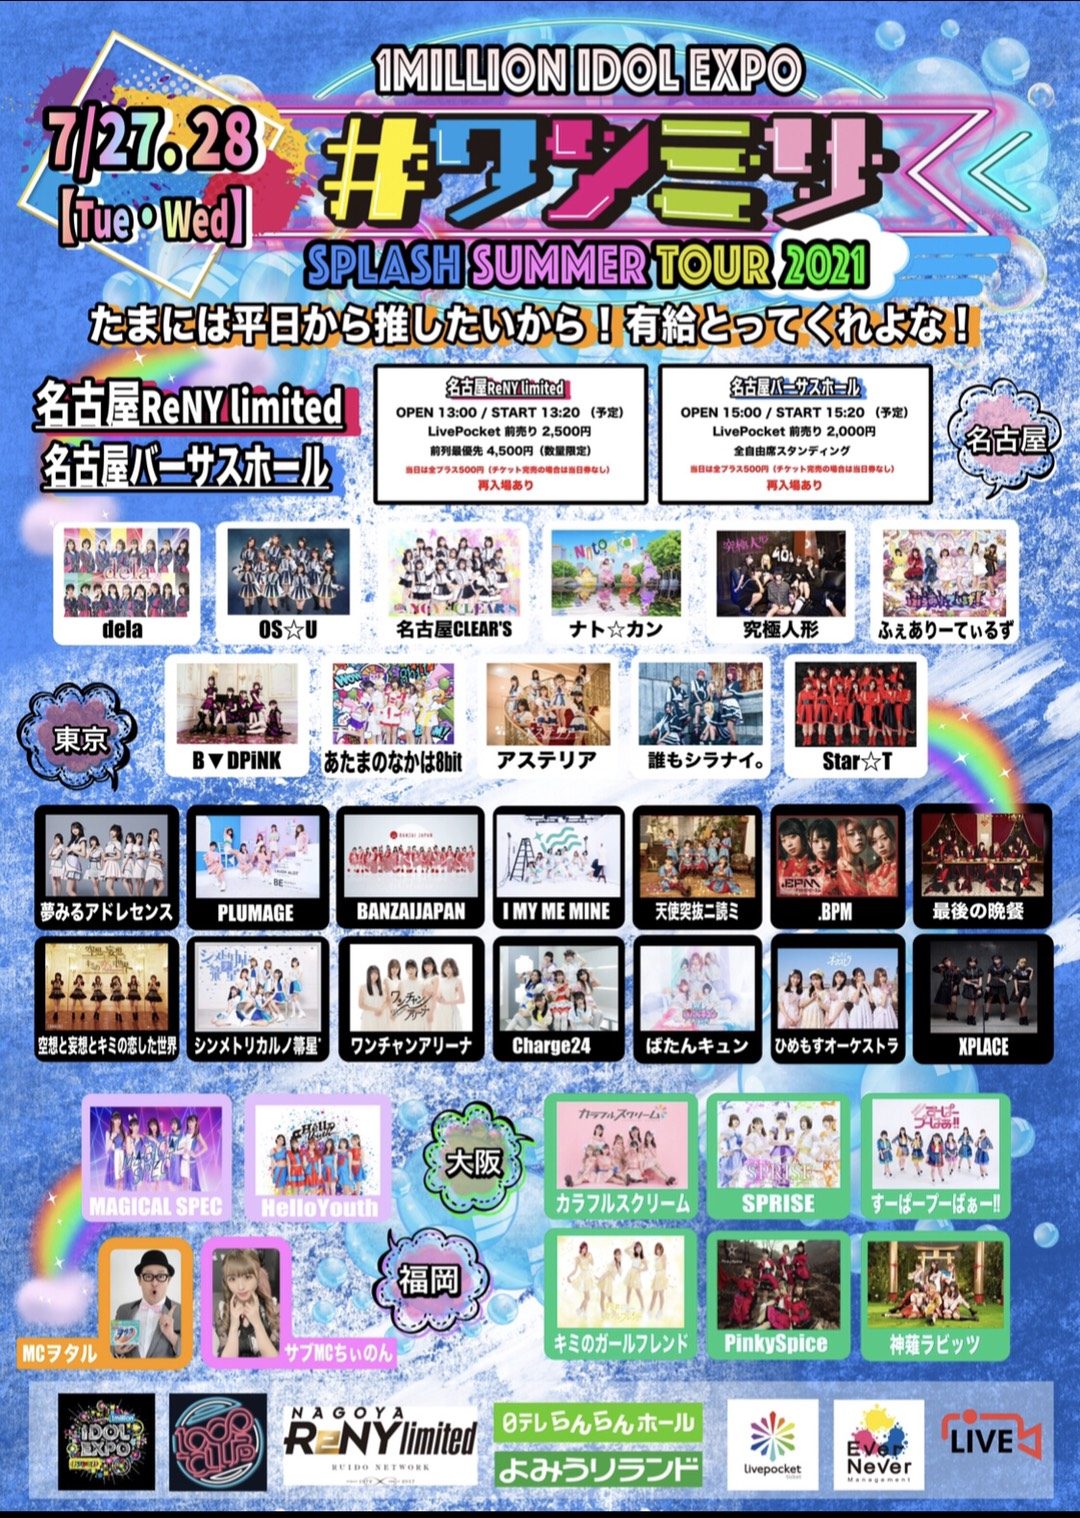 【DAY2ReNY Limited 】#ワンミリ SPLASH TOUR 1Million IDOL EXPO in NAGOYA